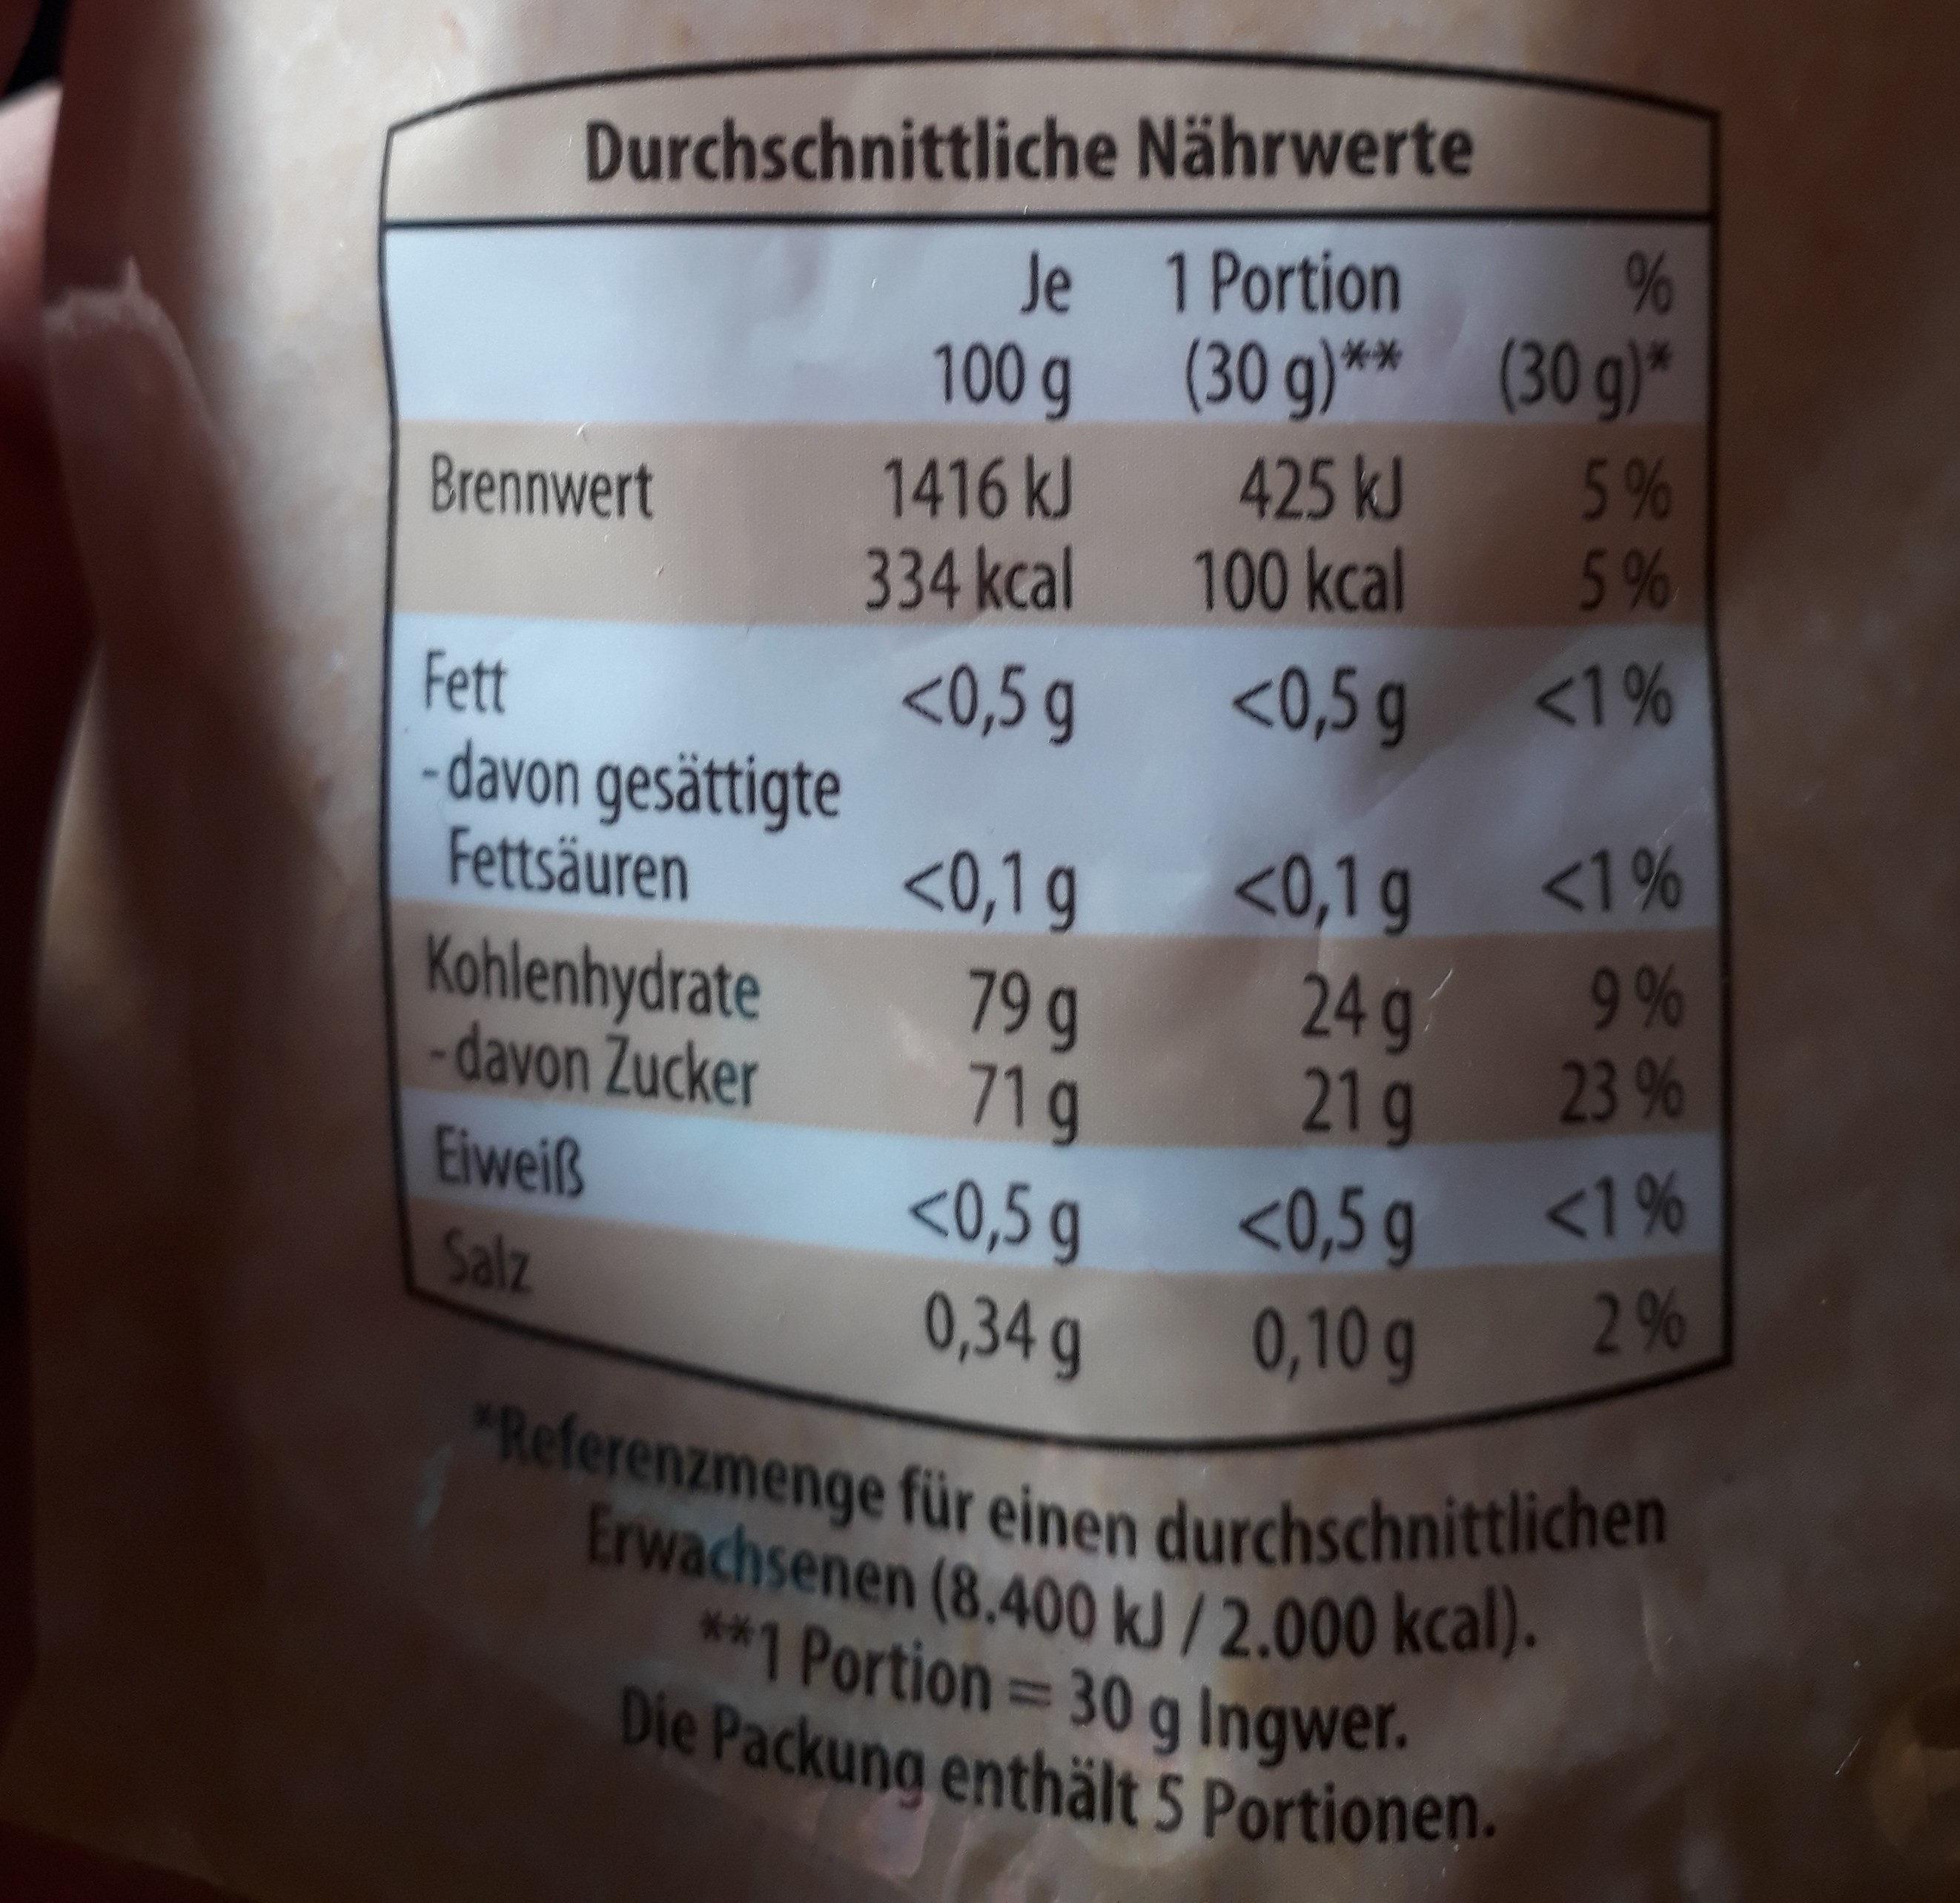 Golden Fruit Mango Getrocknet, Gezuckert - Información nutricional - de